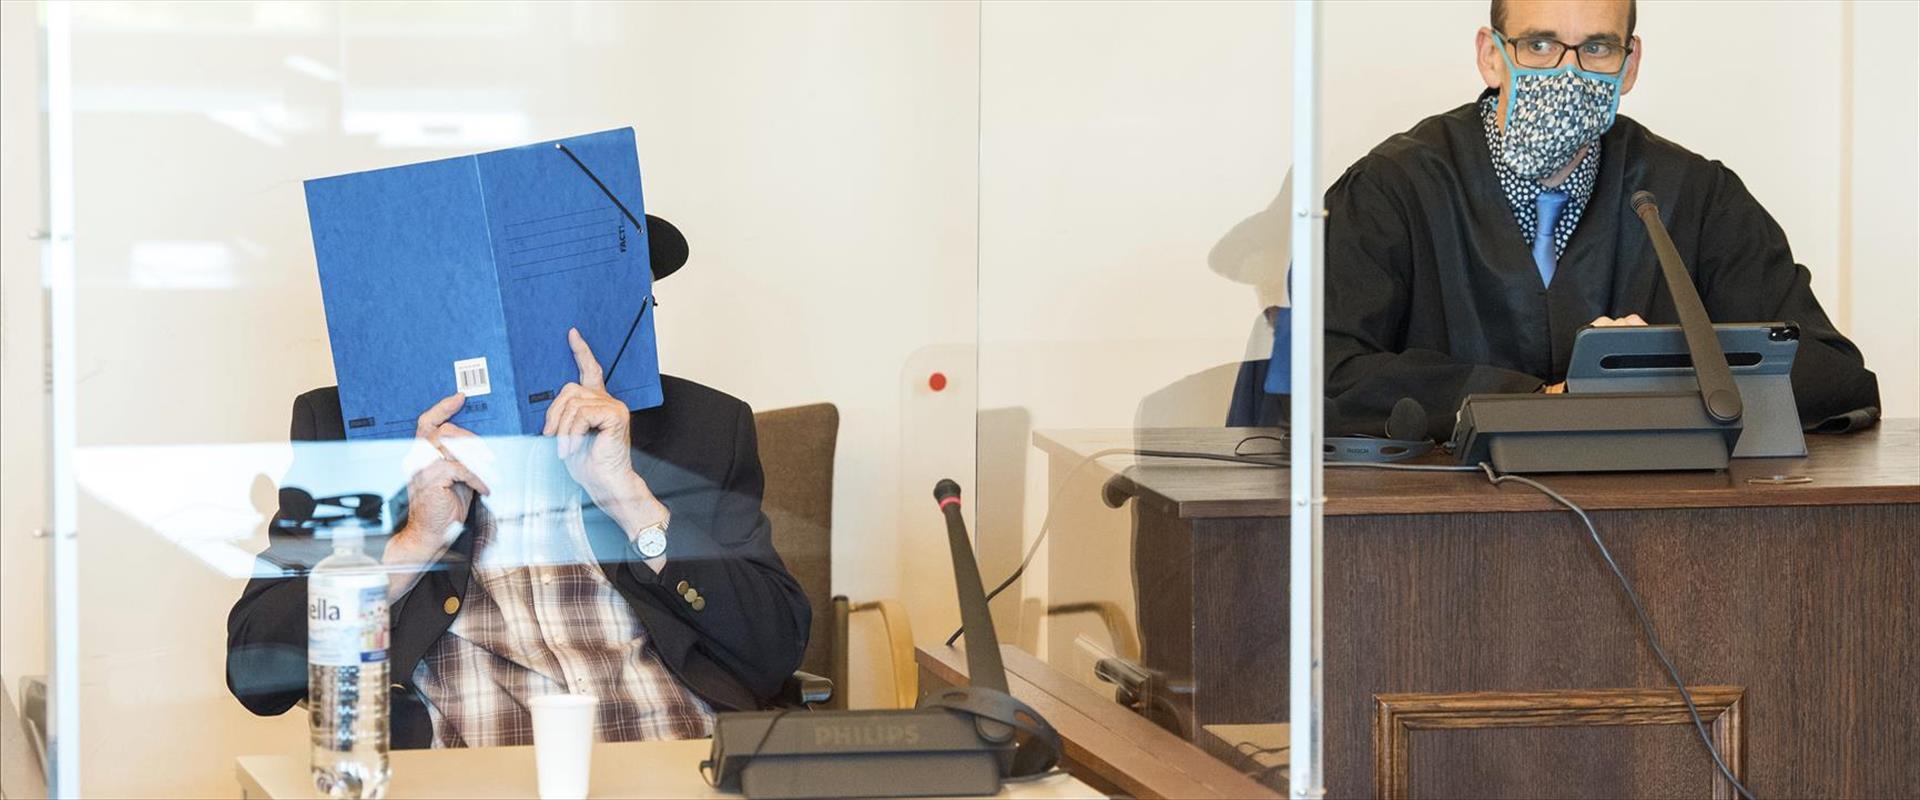 ברונו דיי בבית המשפט בשבוע שעבר